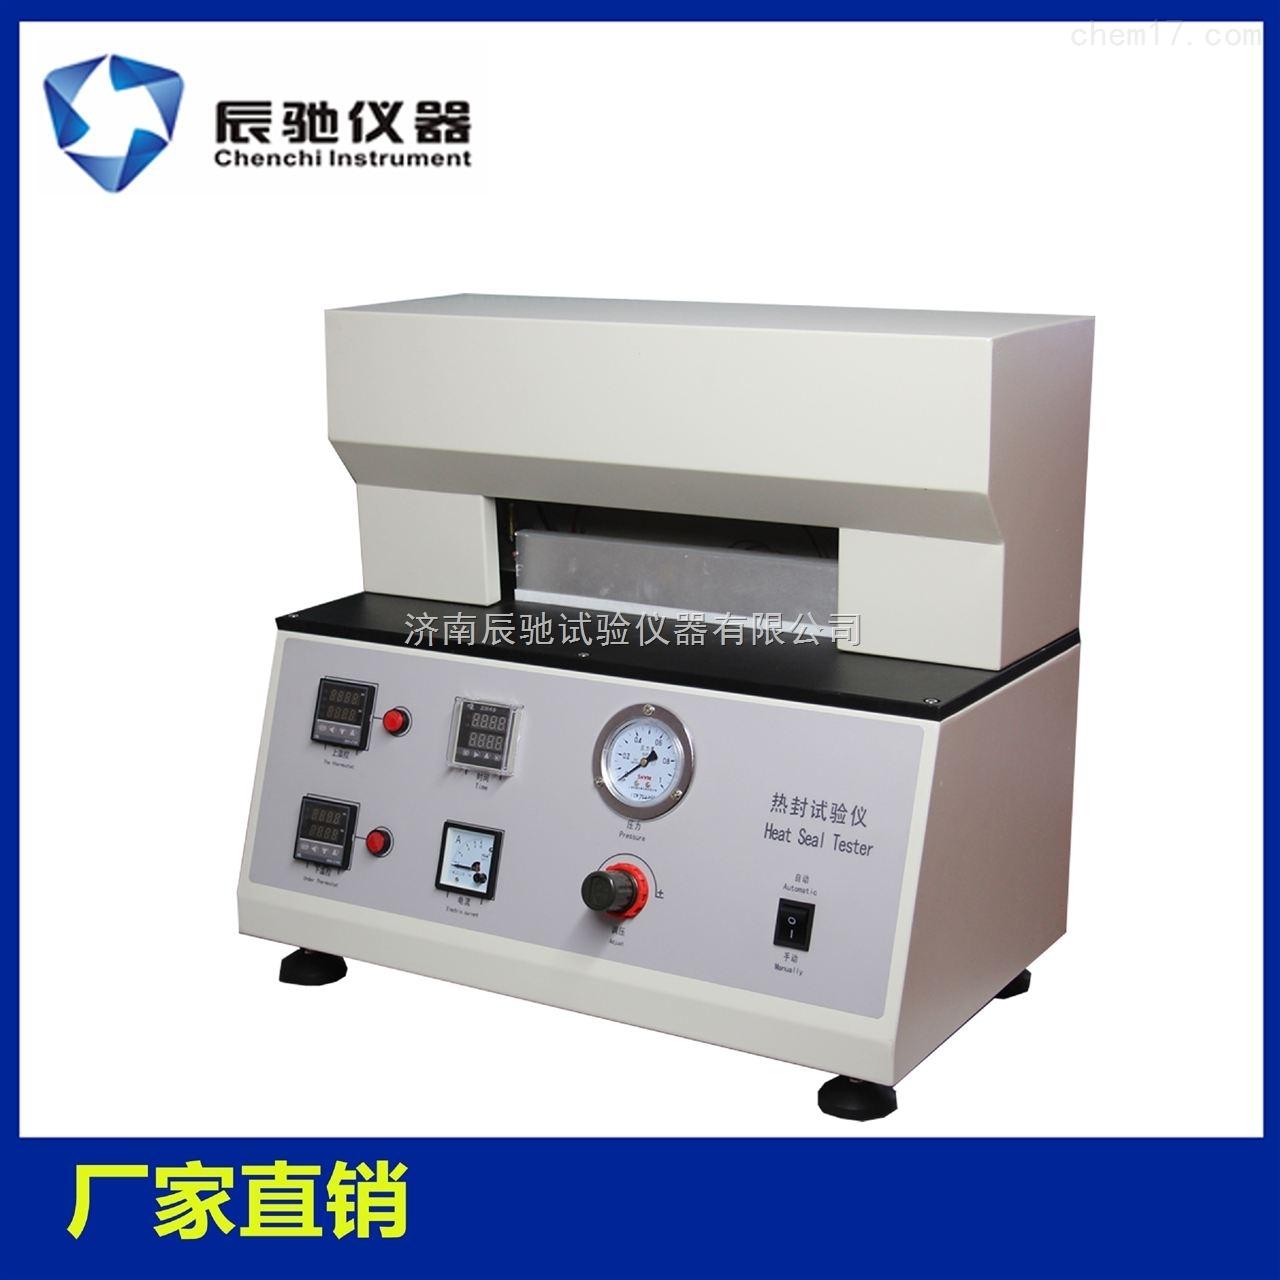 聚乙烯药用复合膜热封试验仪